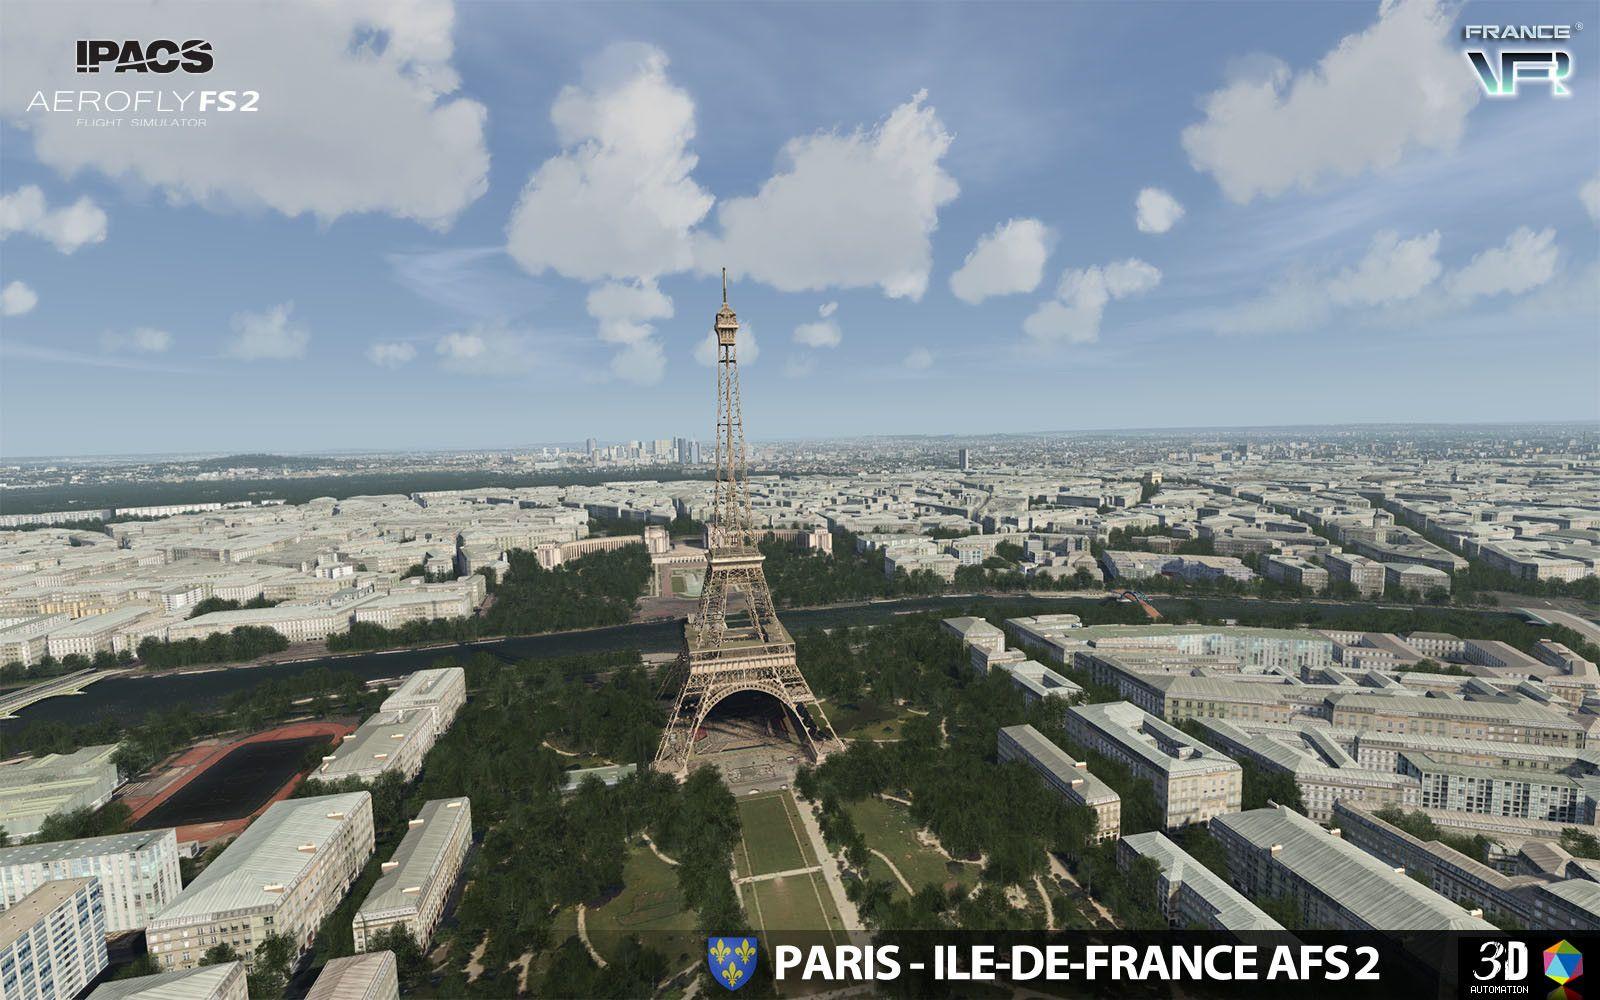 Aerofly FS 2 - France VFR - Paris-Ile-de-France